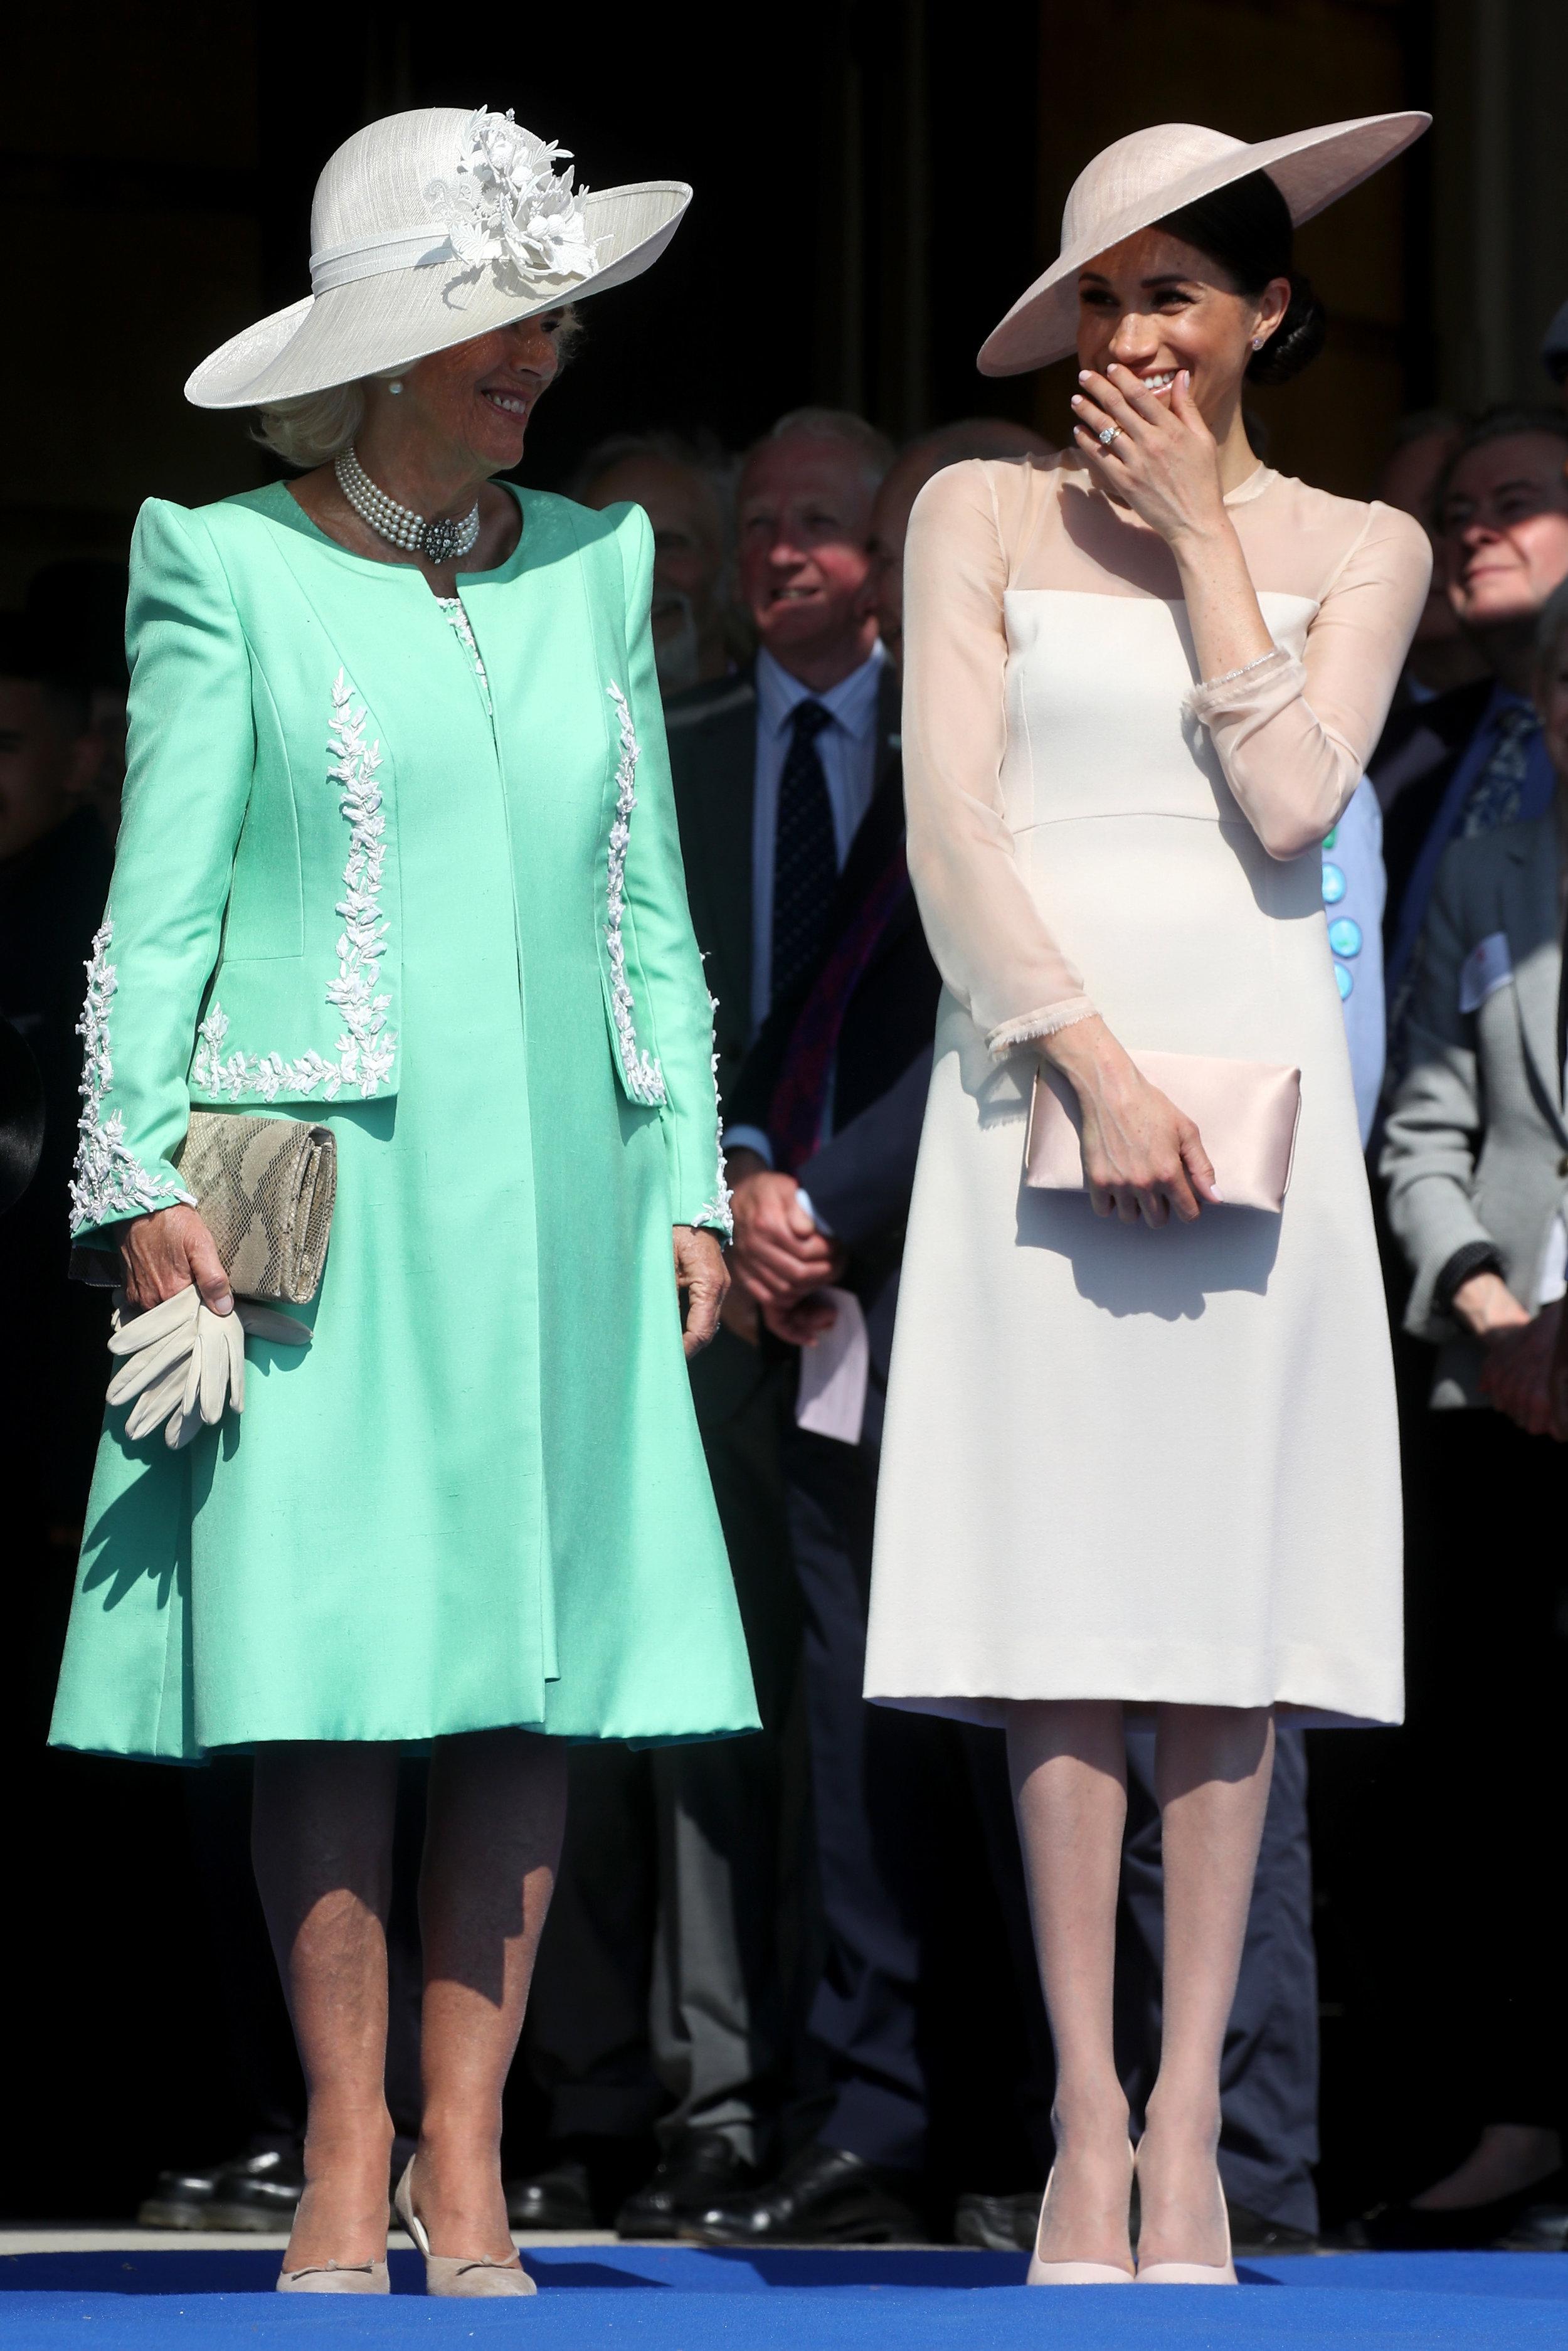 Knielanges Kleid und Strumpfhosen – Herzogin Meghan hat alles richtig gemacht.  ©Getty Images